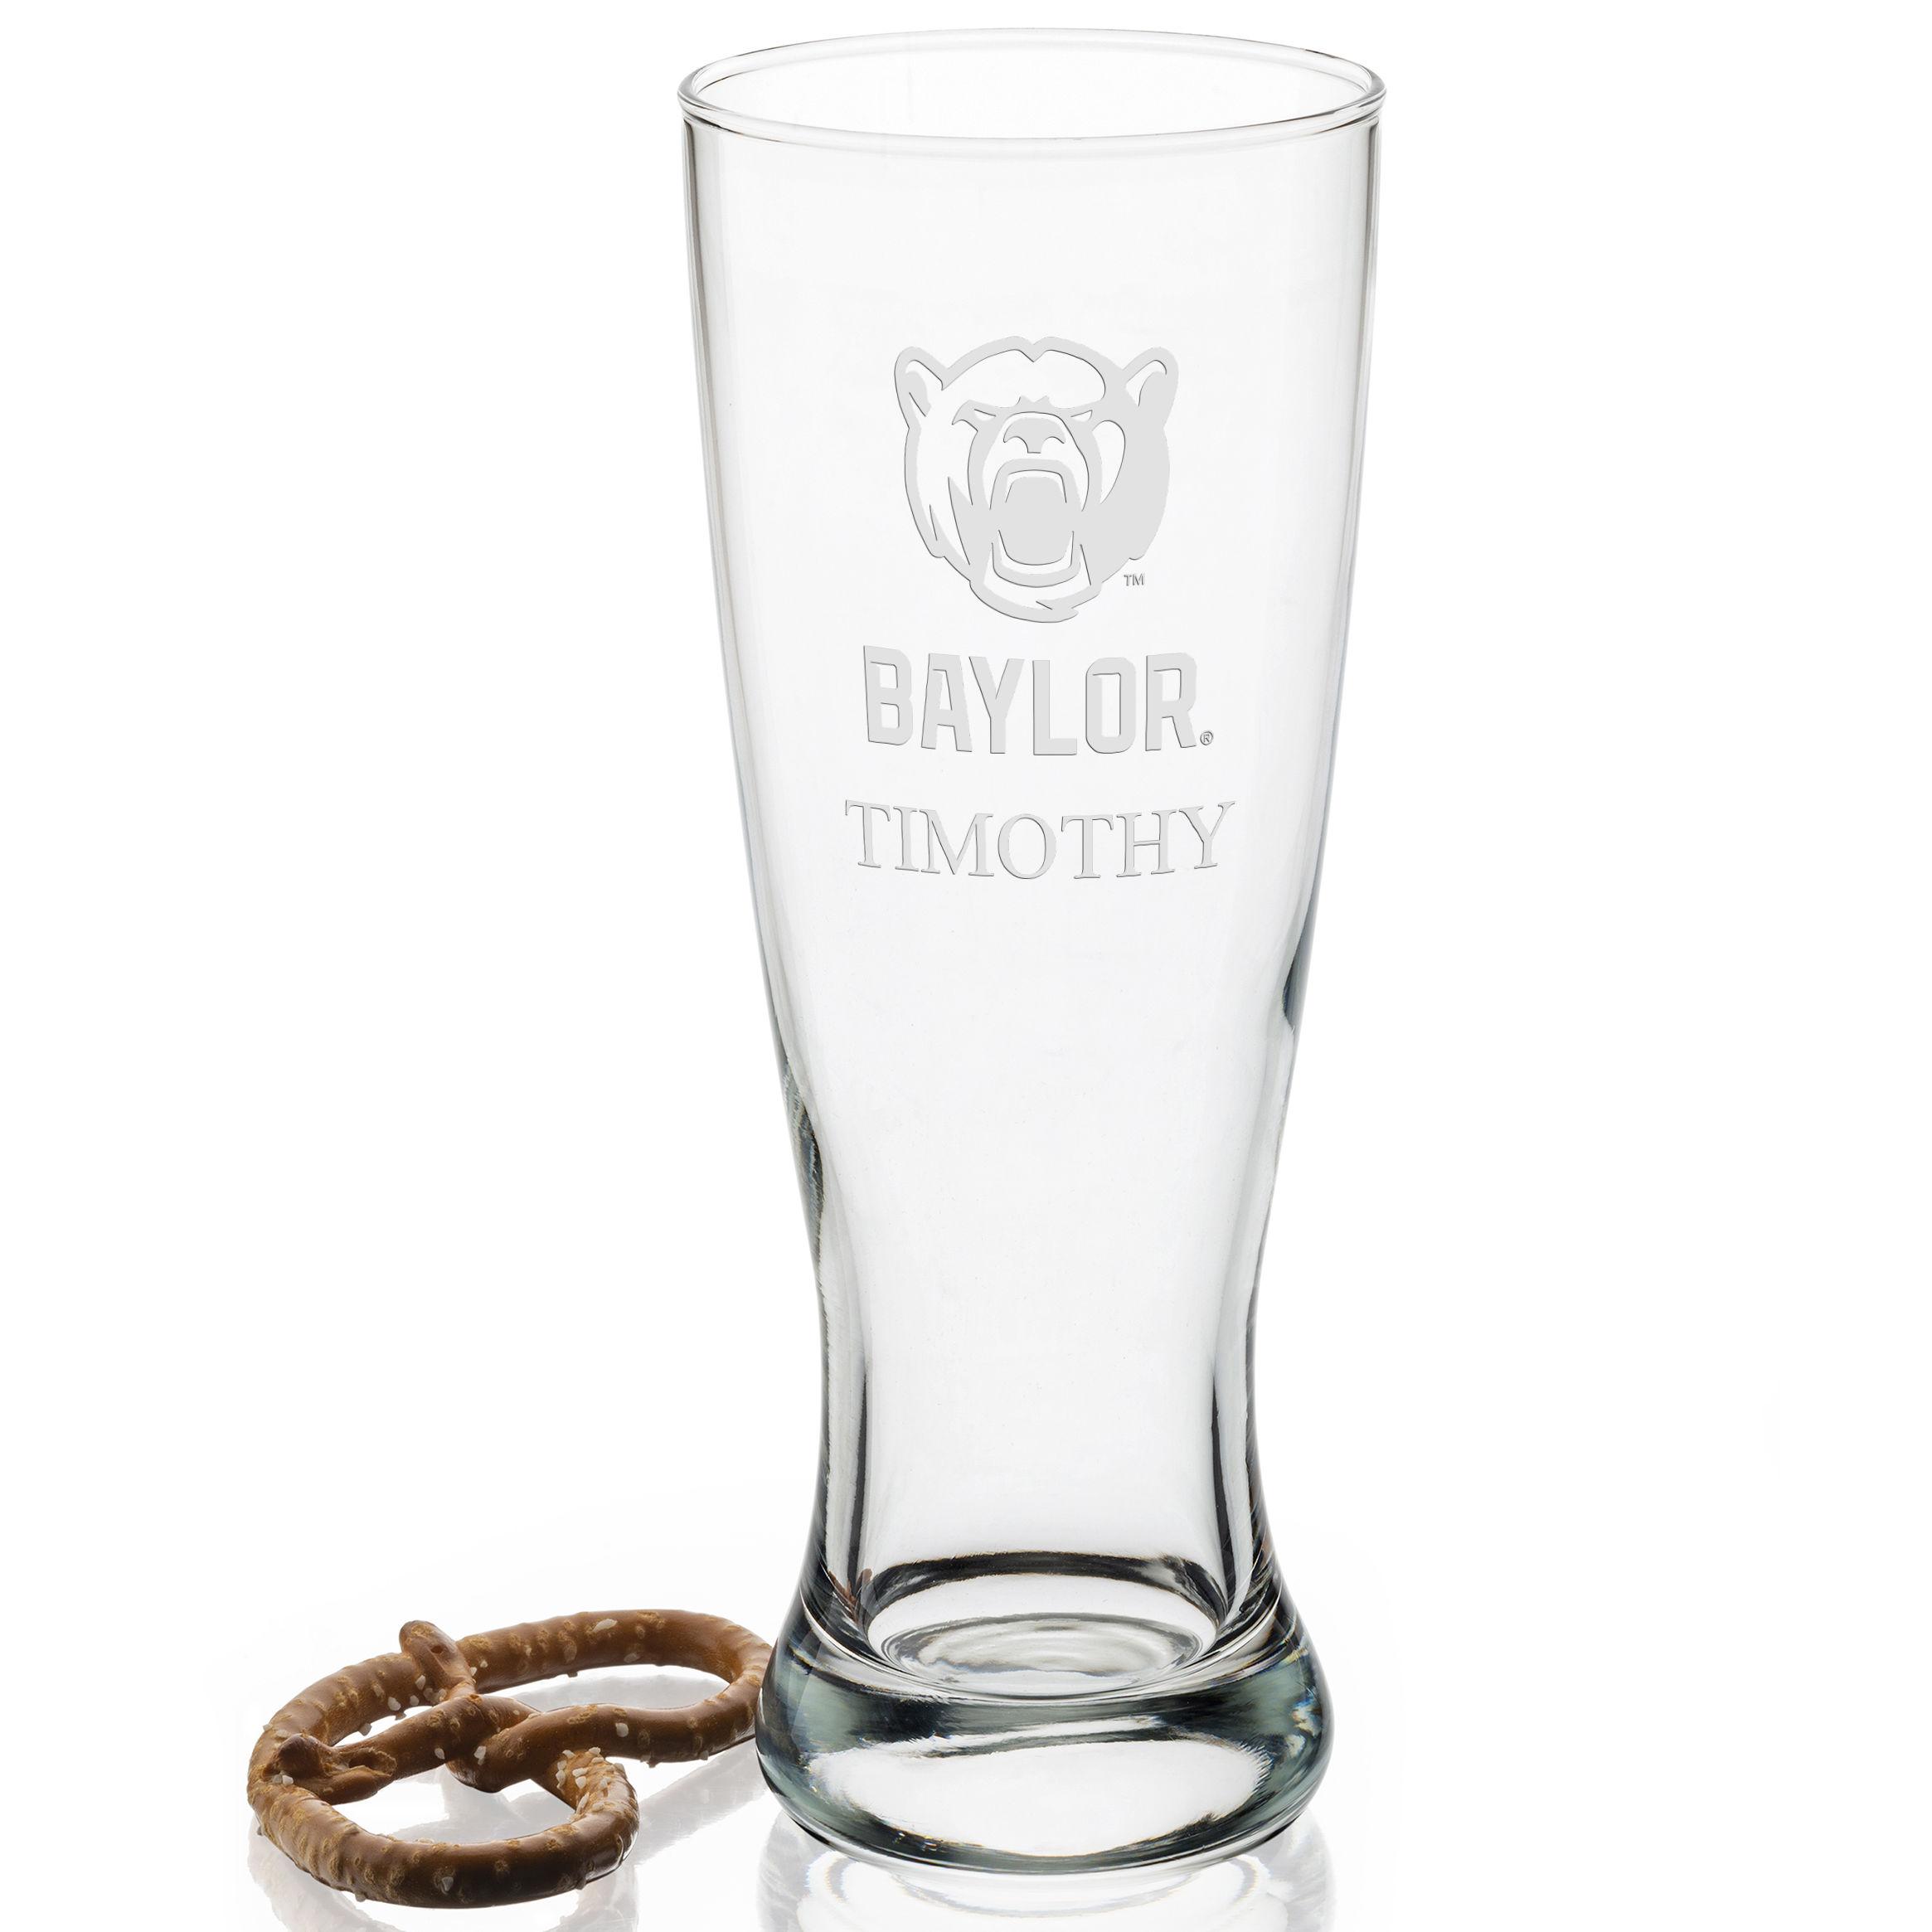 Baylor 20oz Glasses - Set of 2